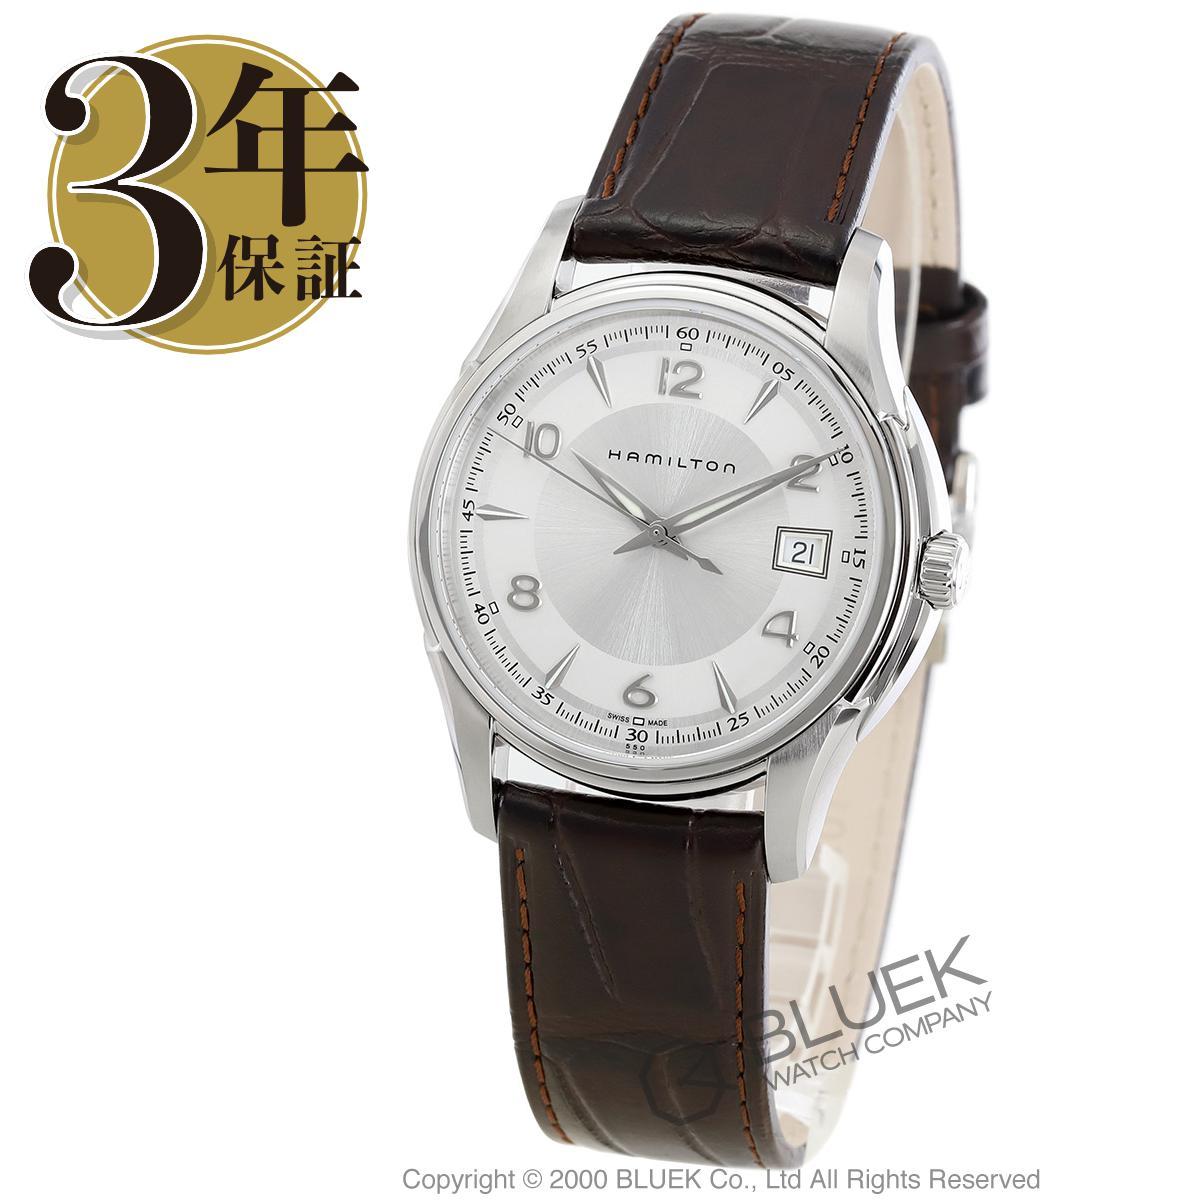 ハミルトン ジャズマスター ジェント 腕時計 メンズ HAMILTON H32411555_8 バーゲン 成人祝い ギフト プレゼント